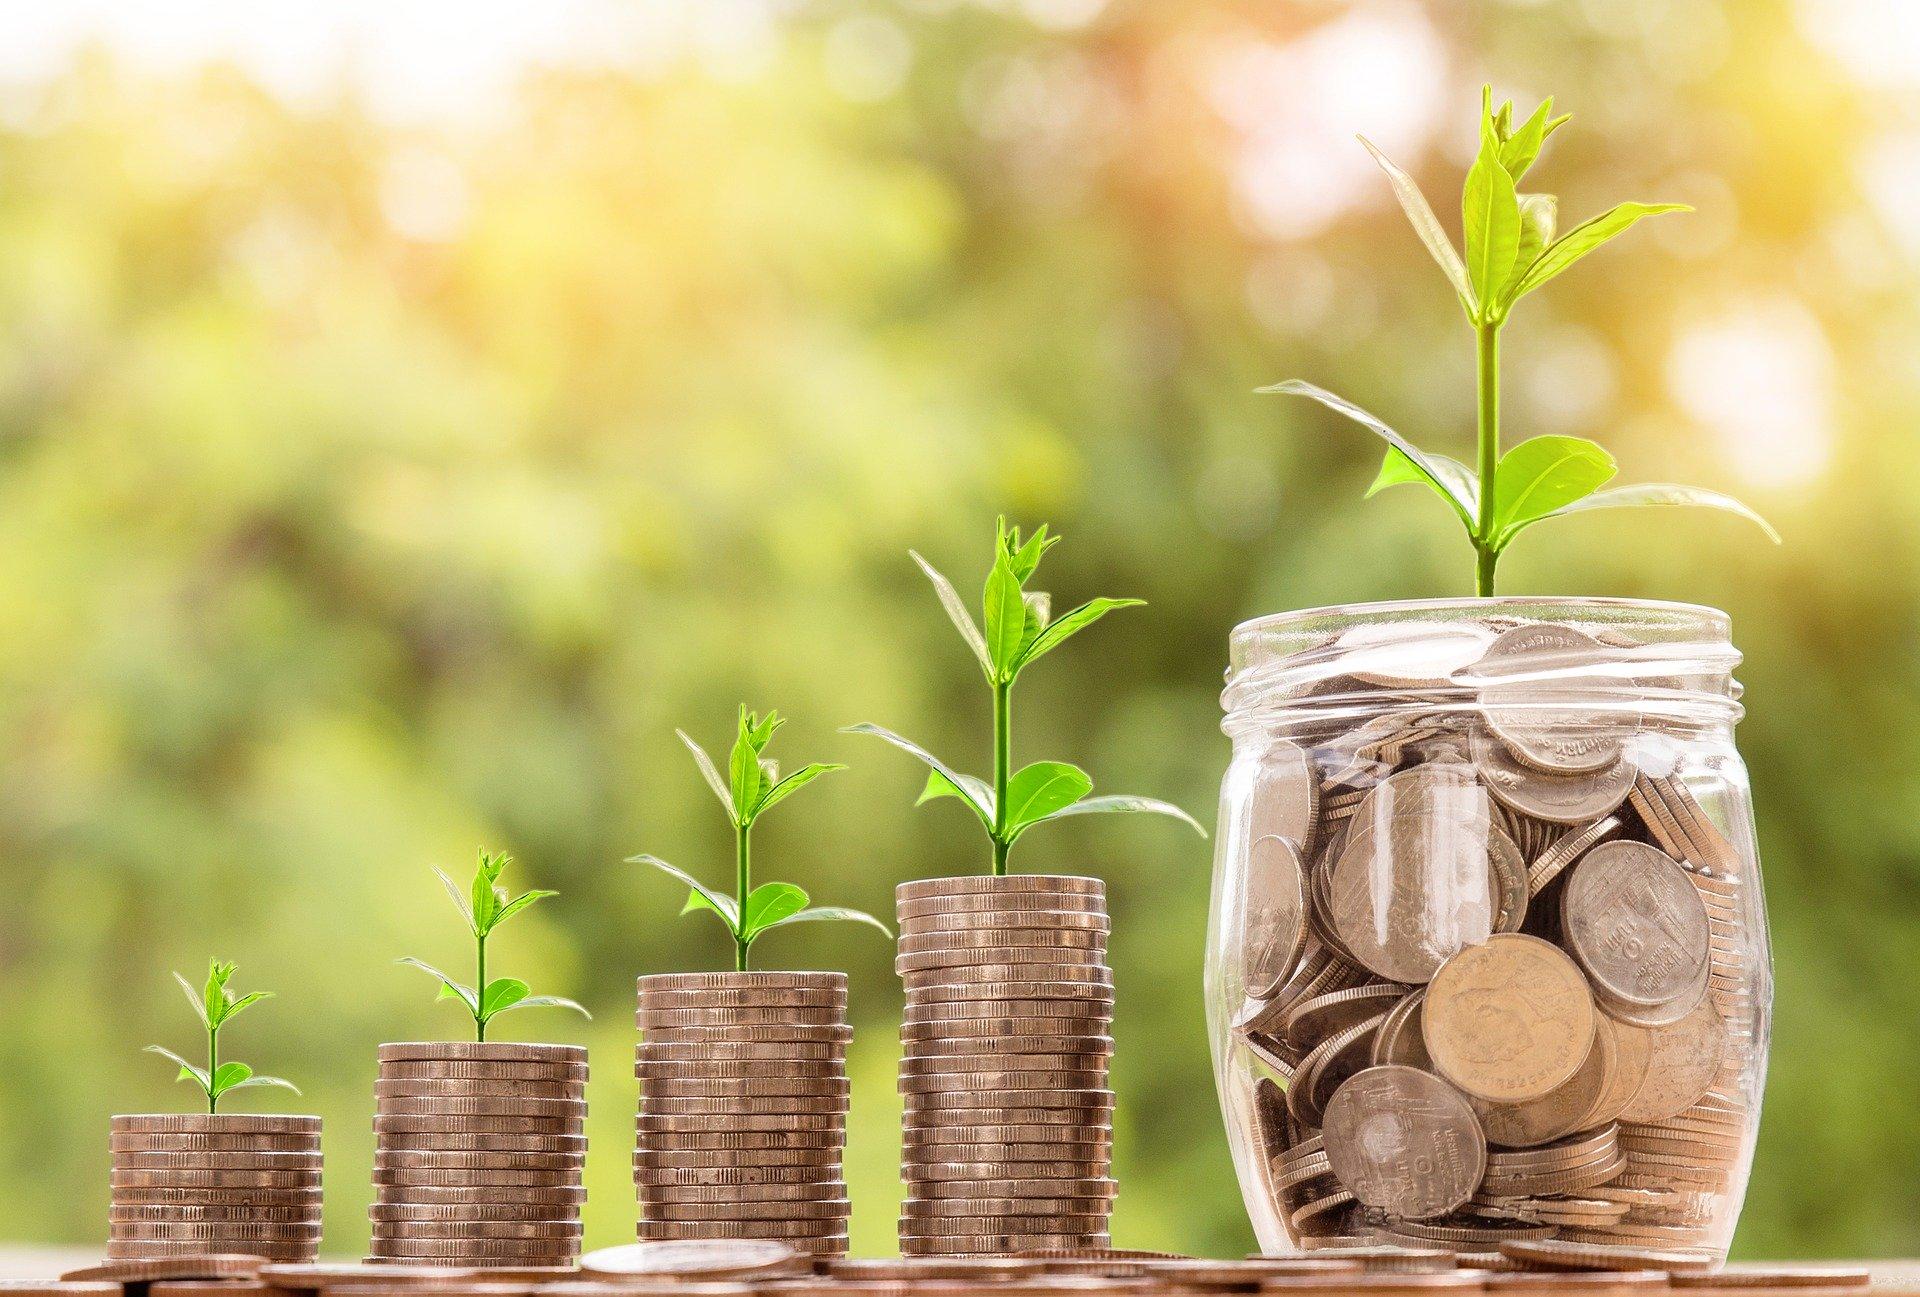 Vastgoed Crowdfunding: Voor Rendement Op Uw Spaargeld